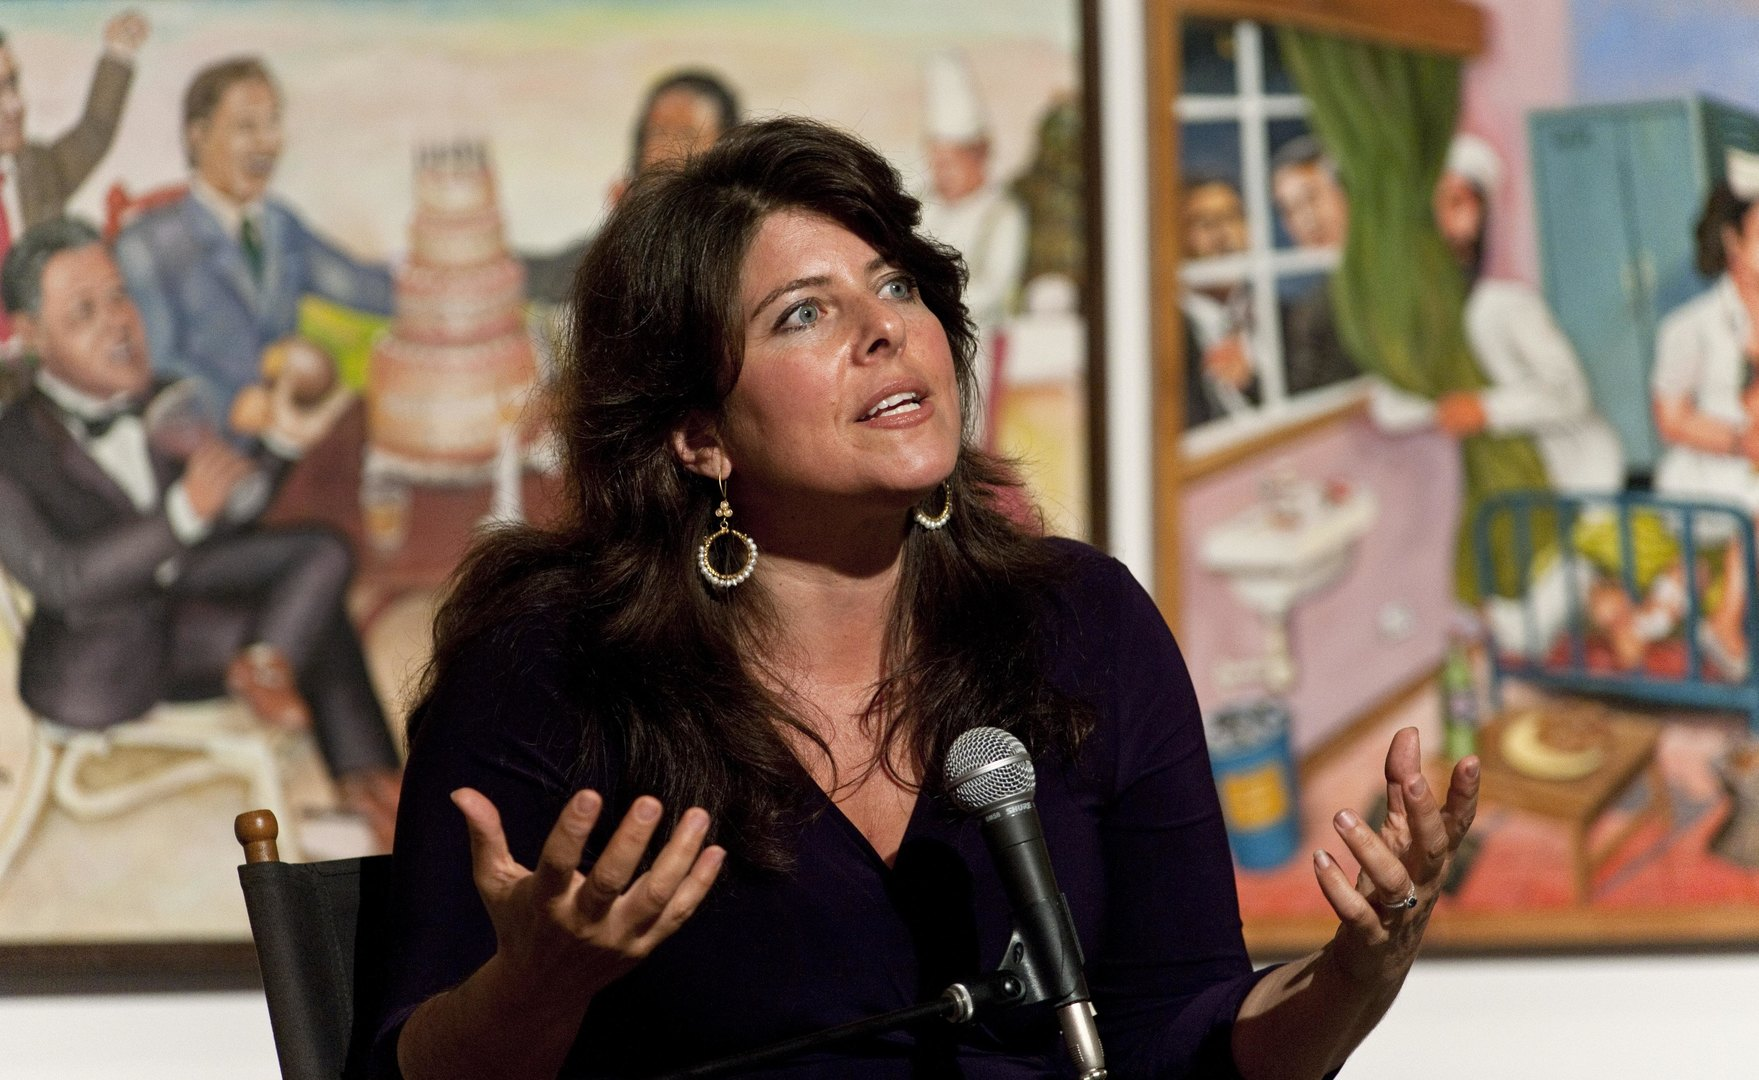 Наоми Вулф: кому выгодны высокие стандарты вкрасоте исексе